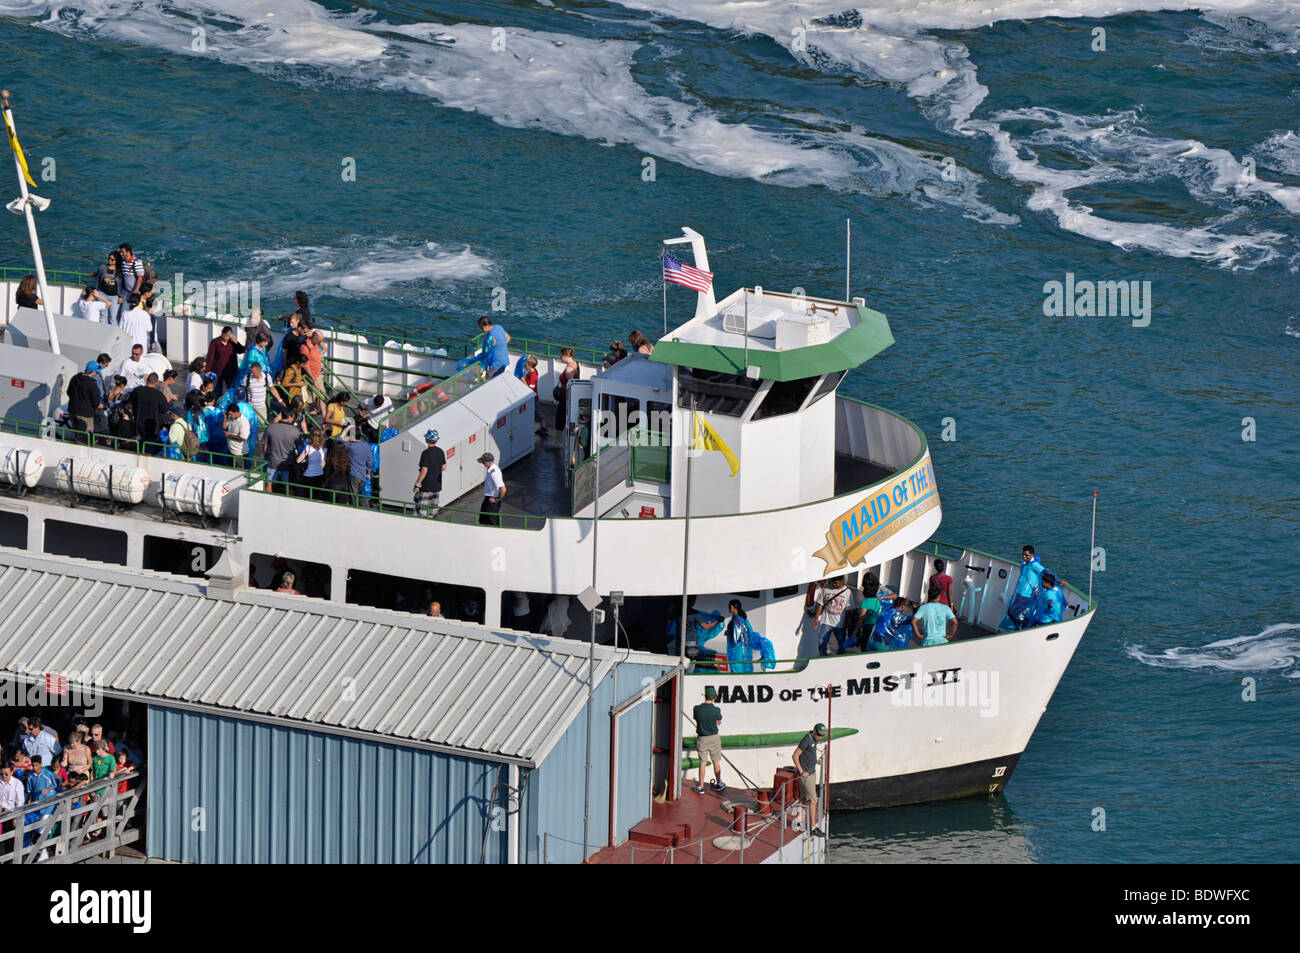 Maid of the Mist boat avec les touristes - Niagara Falls, Canada Photo Stock